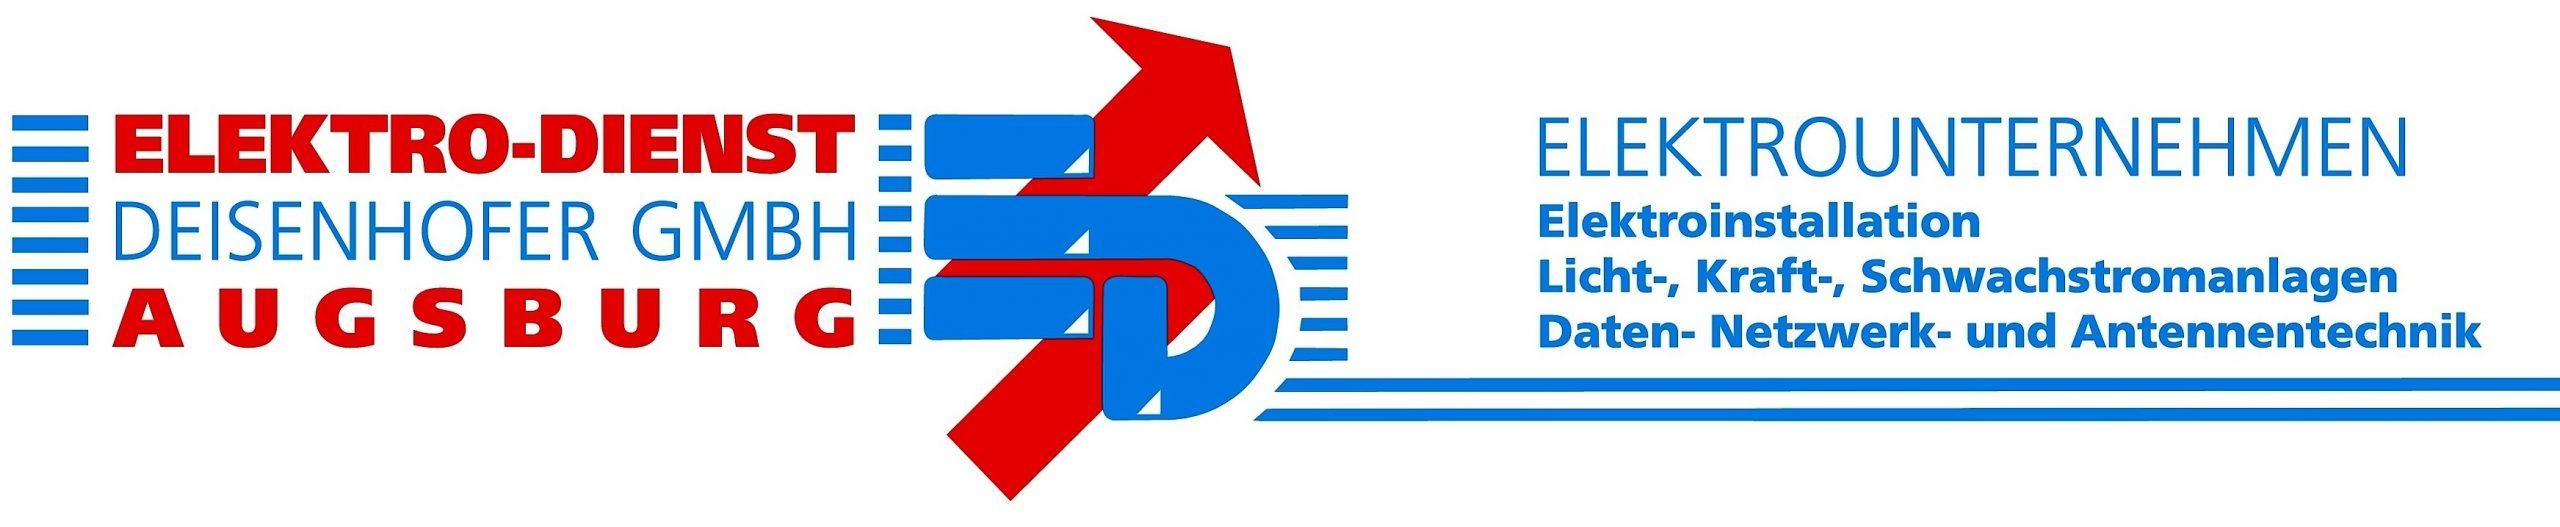 Elektro Dienst Deisenhofer Logo